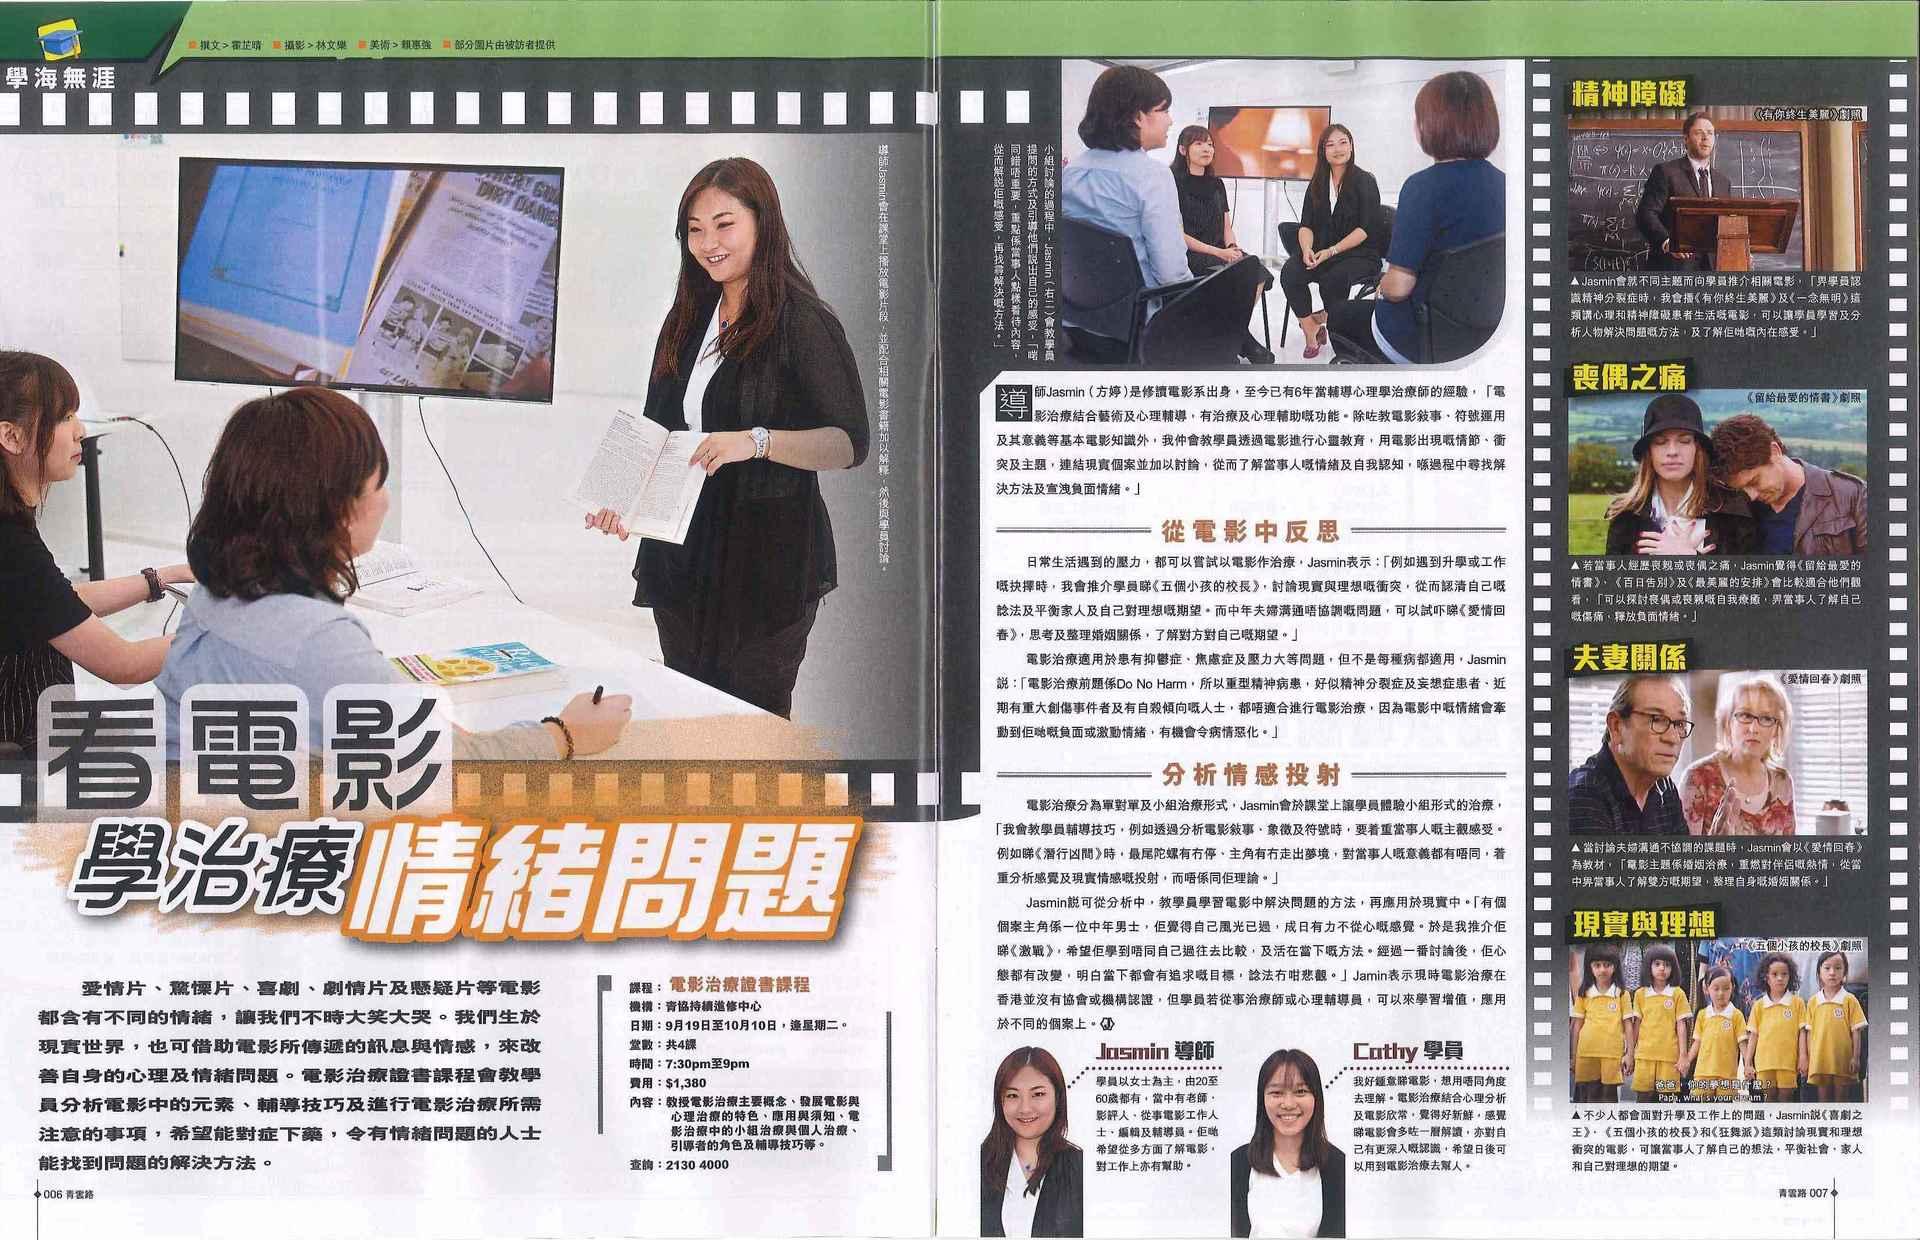 20170831_青雲路_電影治療證書課程